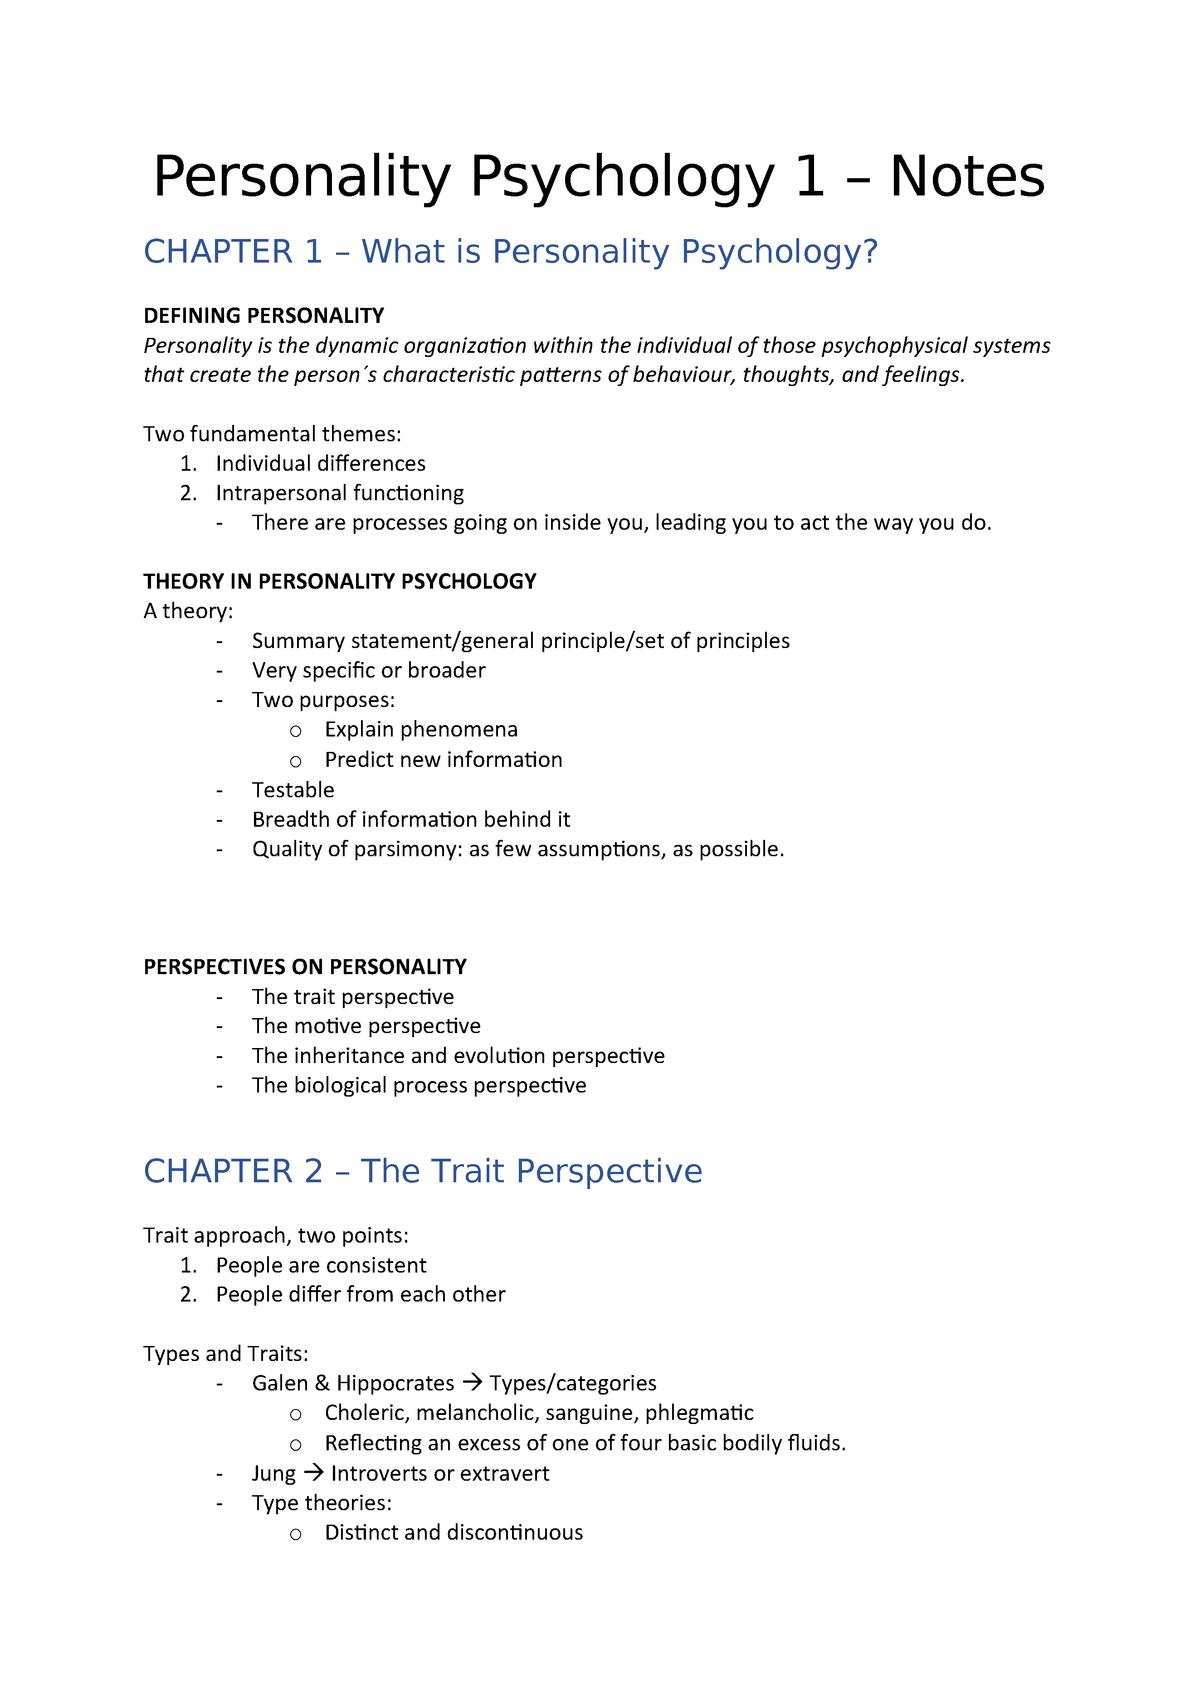 Personality Psychology 1 – Notes - - ELTE - StuDocu